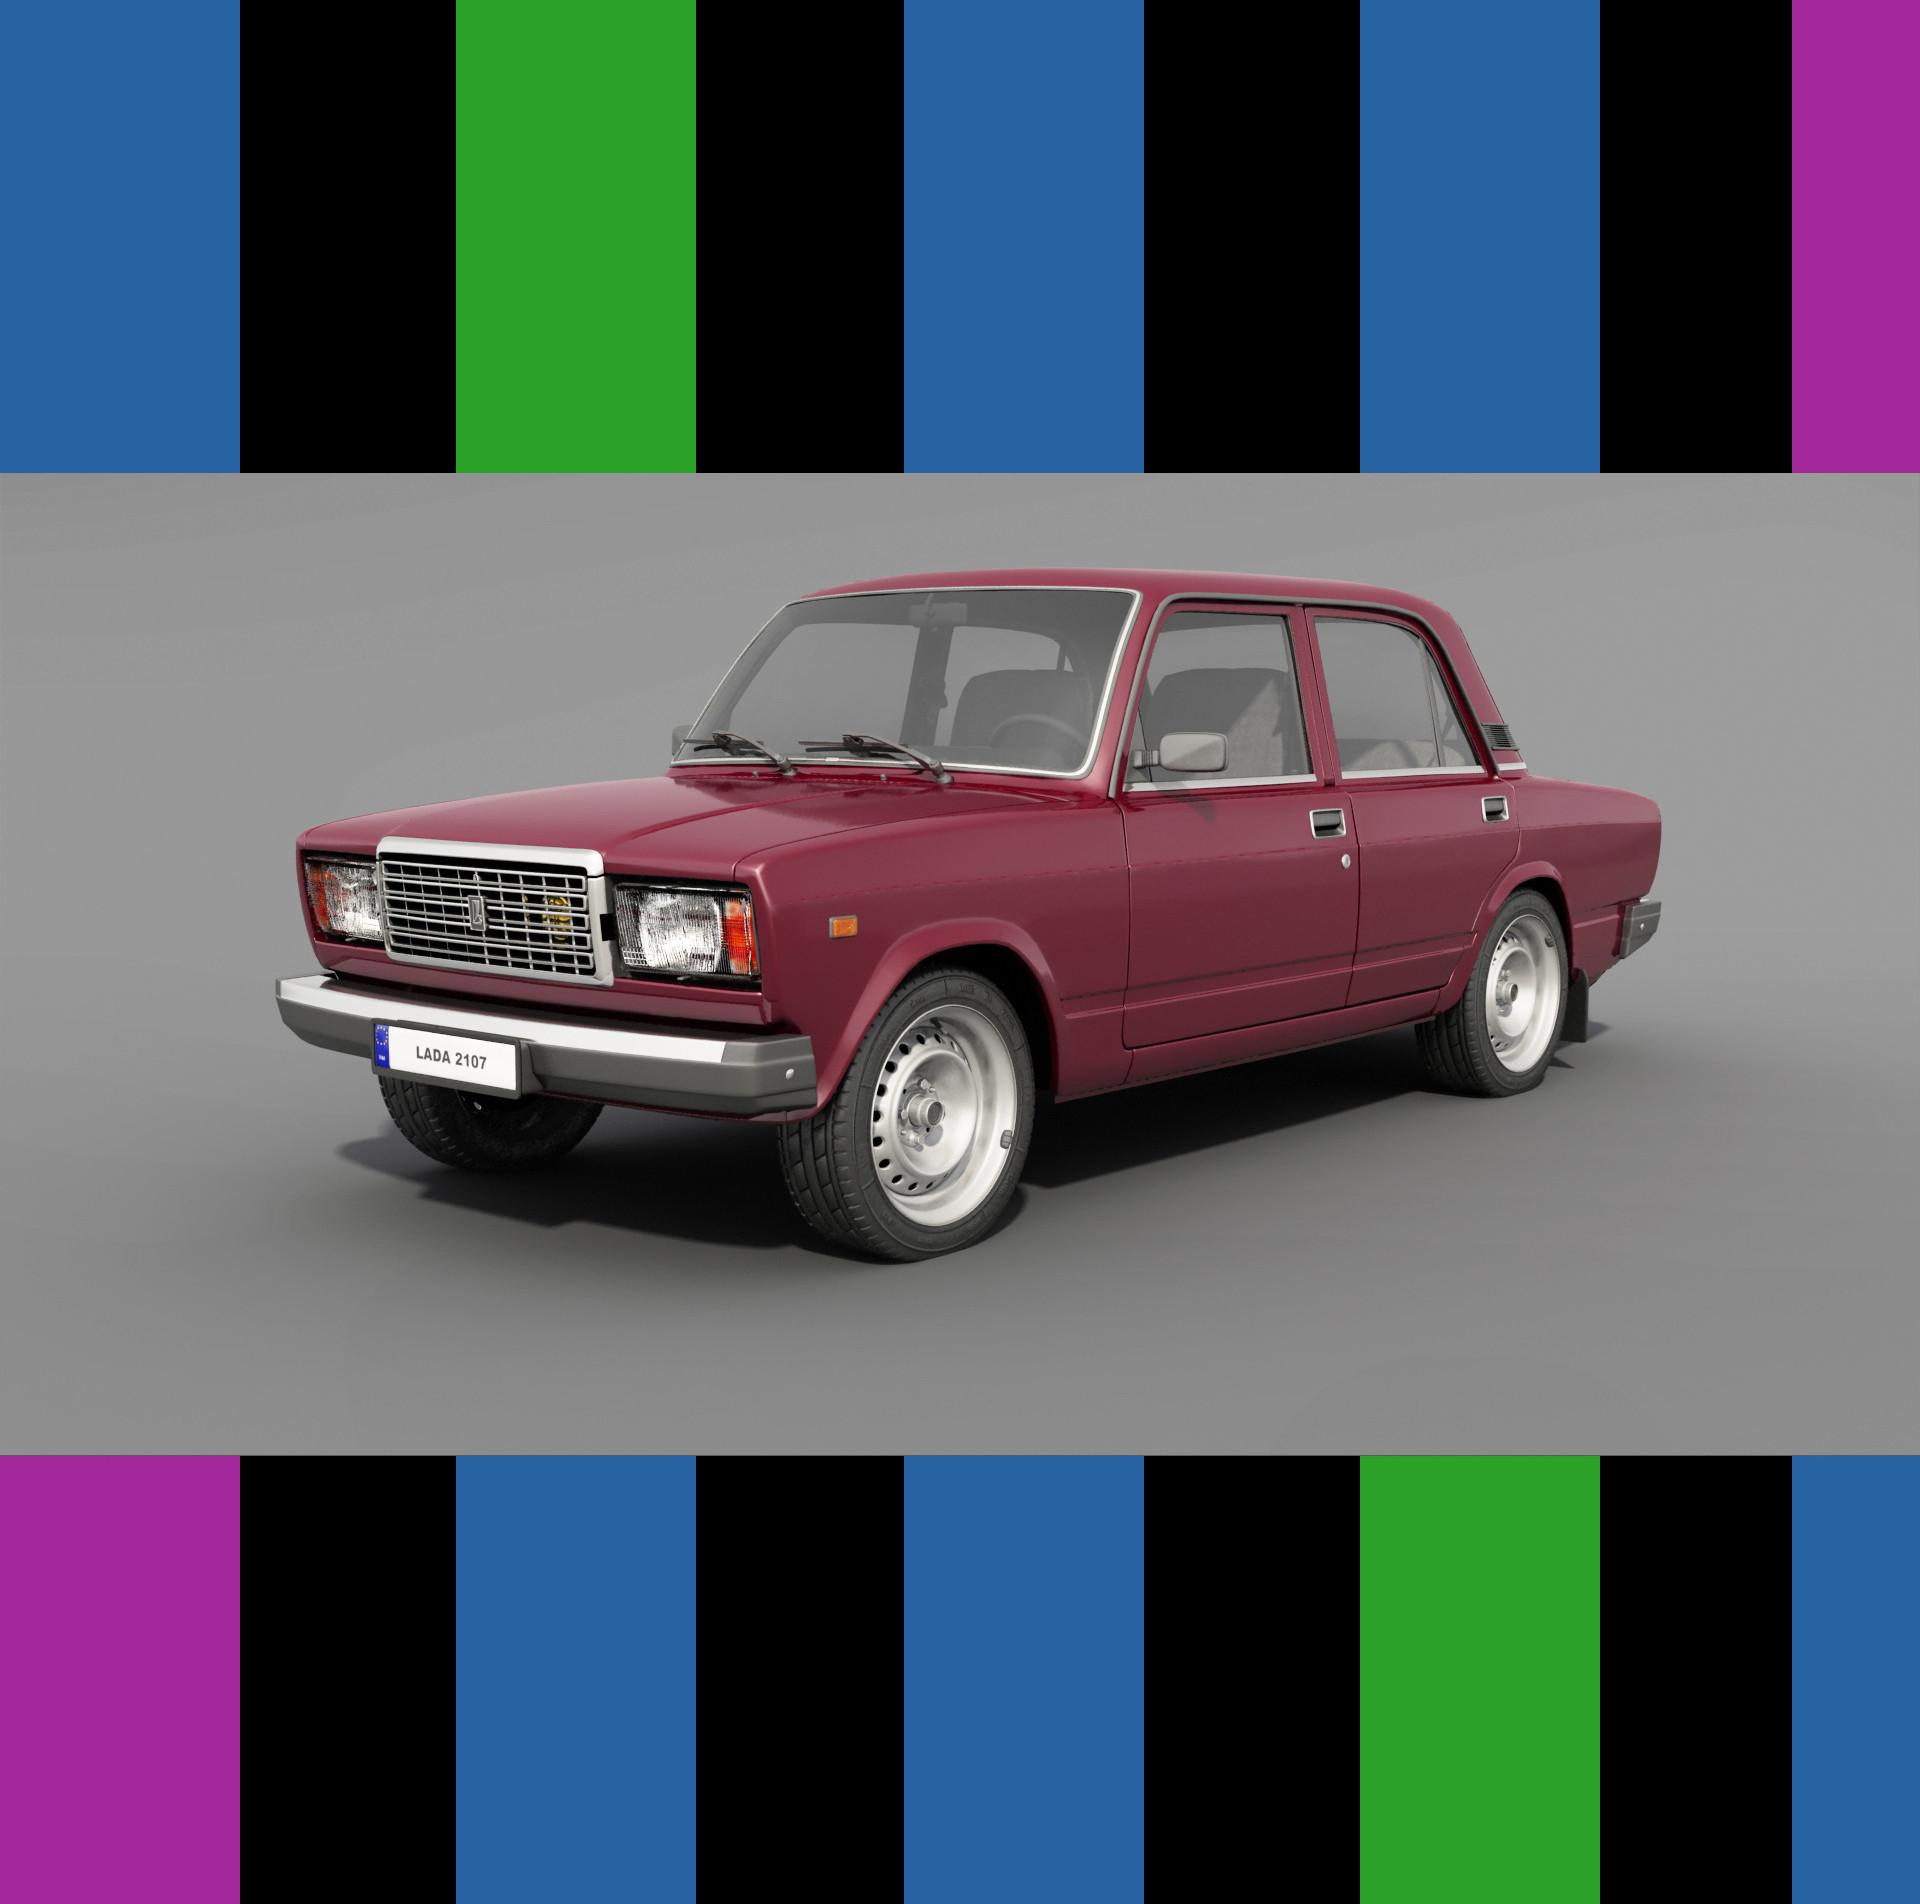 Lada-3d-model1.jpg